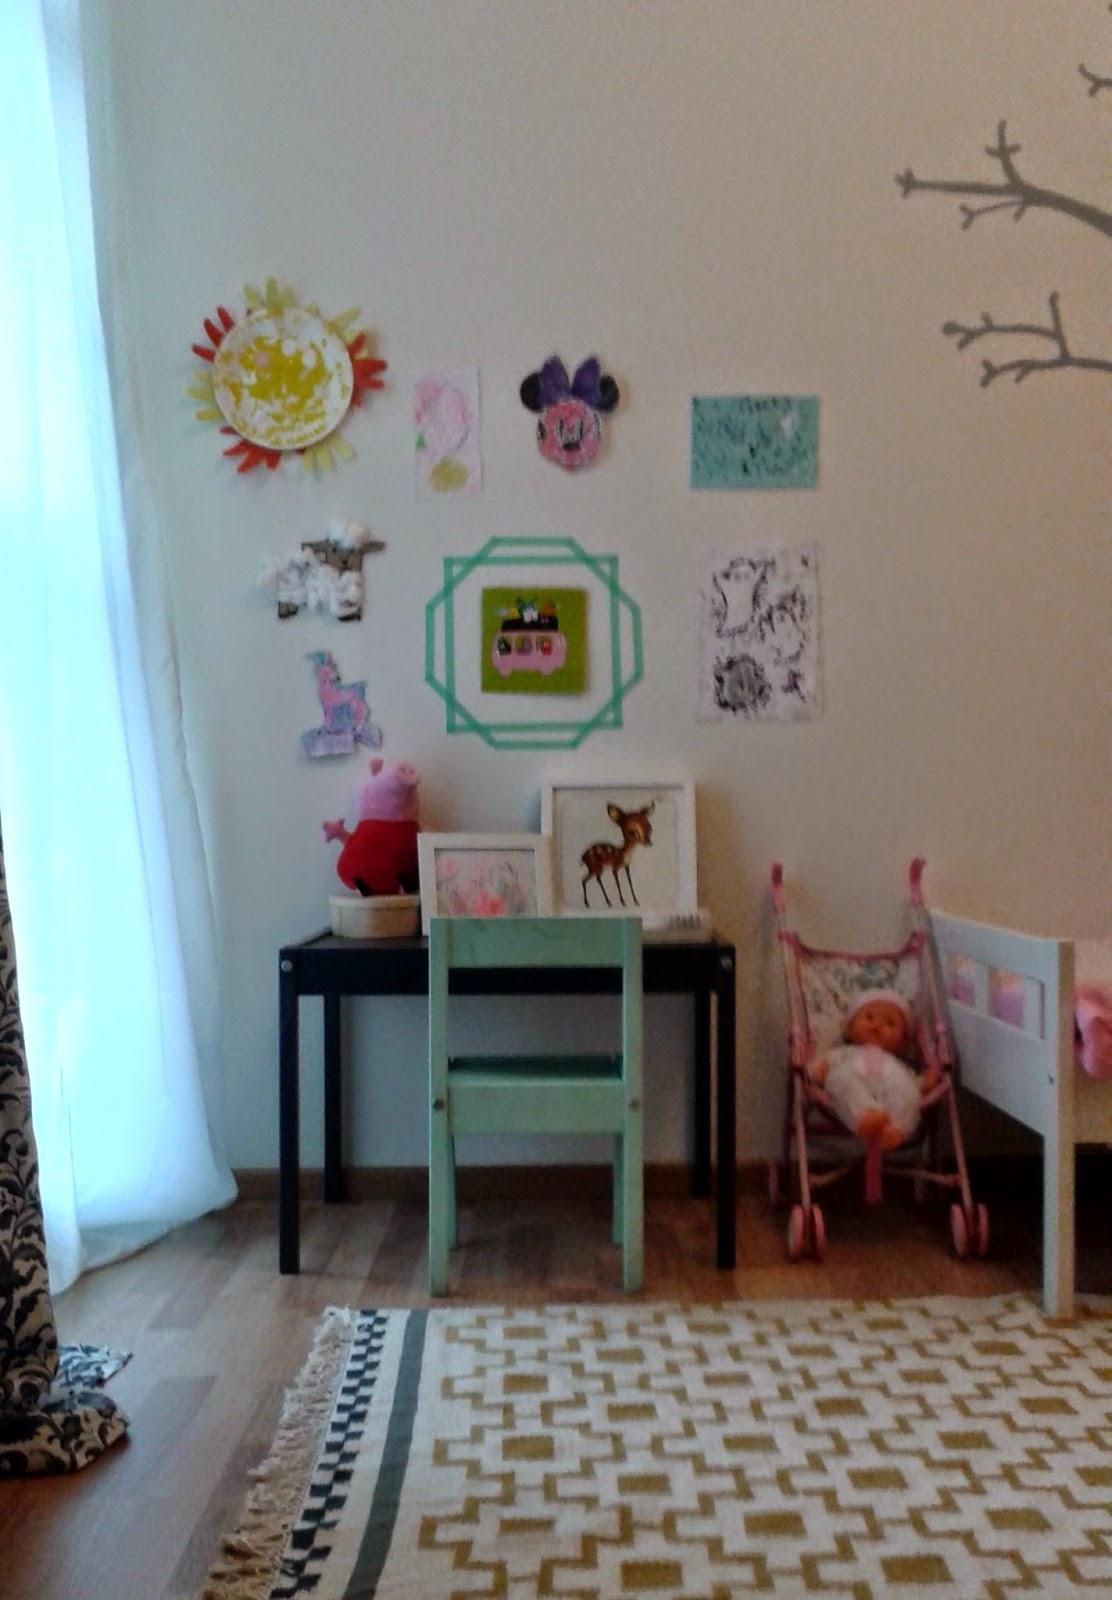 semaine montessori 2 la chambre de bambou inspir e ou pas de montessori marie daily. Black Bedroom Furniture Sets. Home Design Ideas